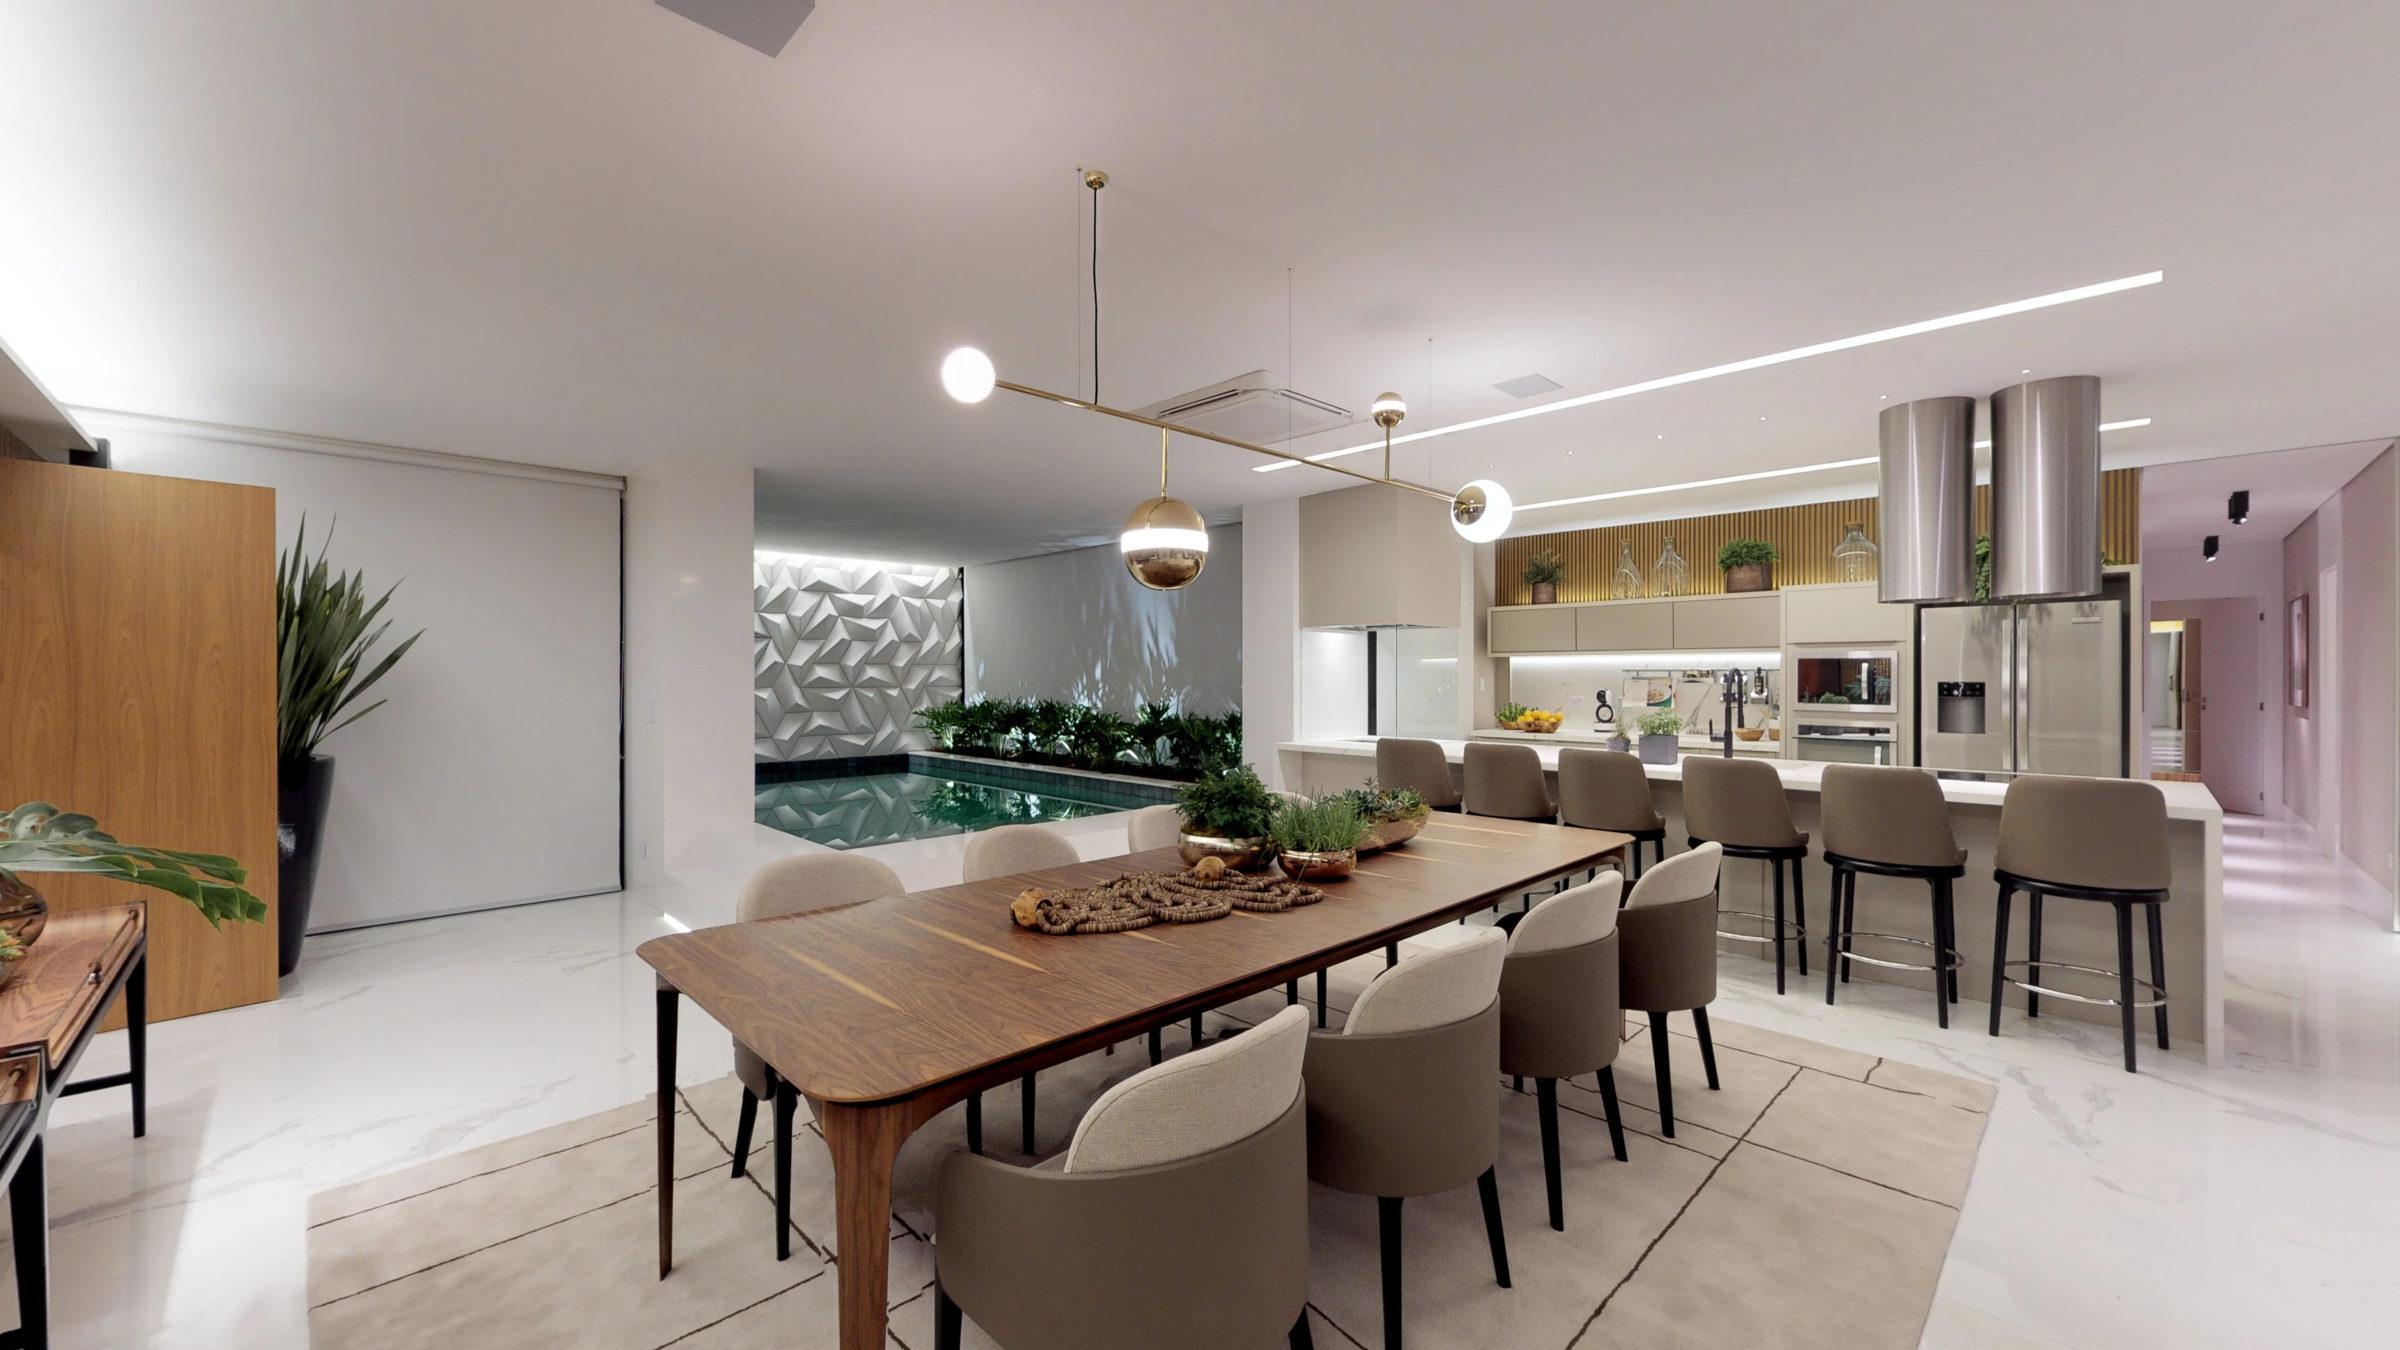 Fotos de Imóvel, Fotografia Imobiliaria interna piscina sala de jantar arquitetura